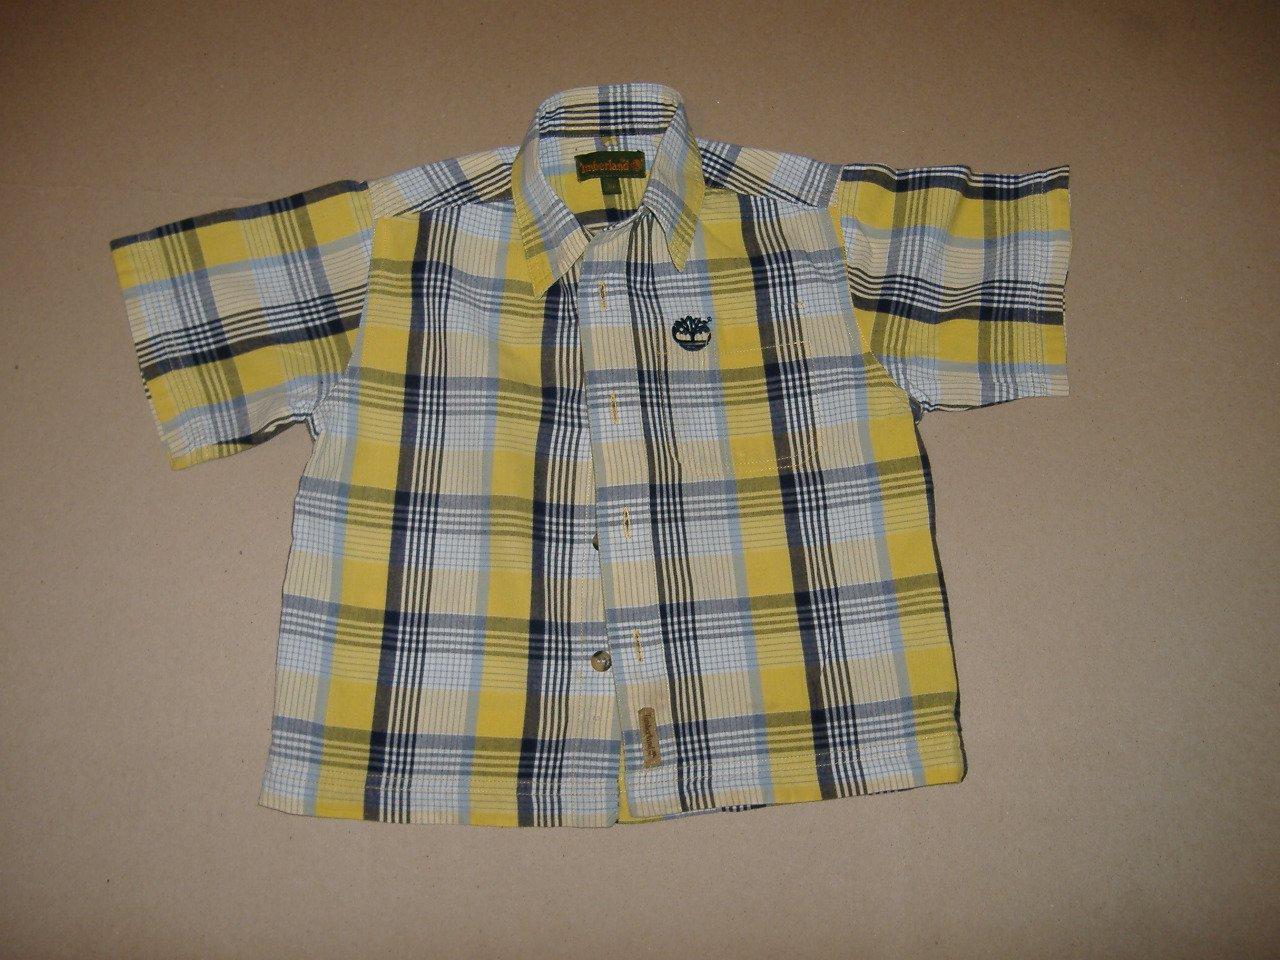 Timberland Boy's Short Sleeve Shirt   Size 3T